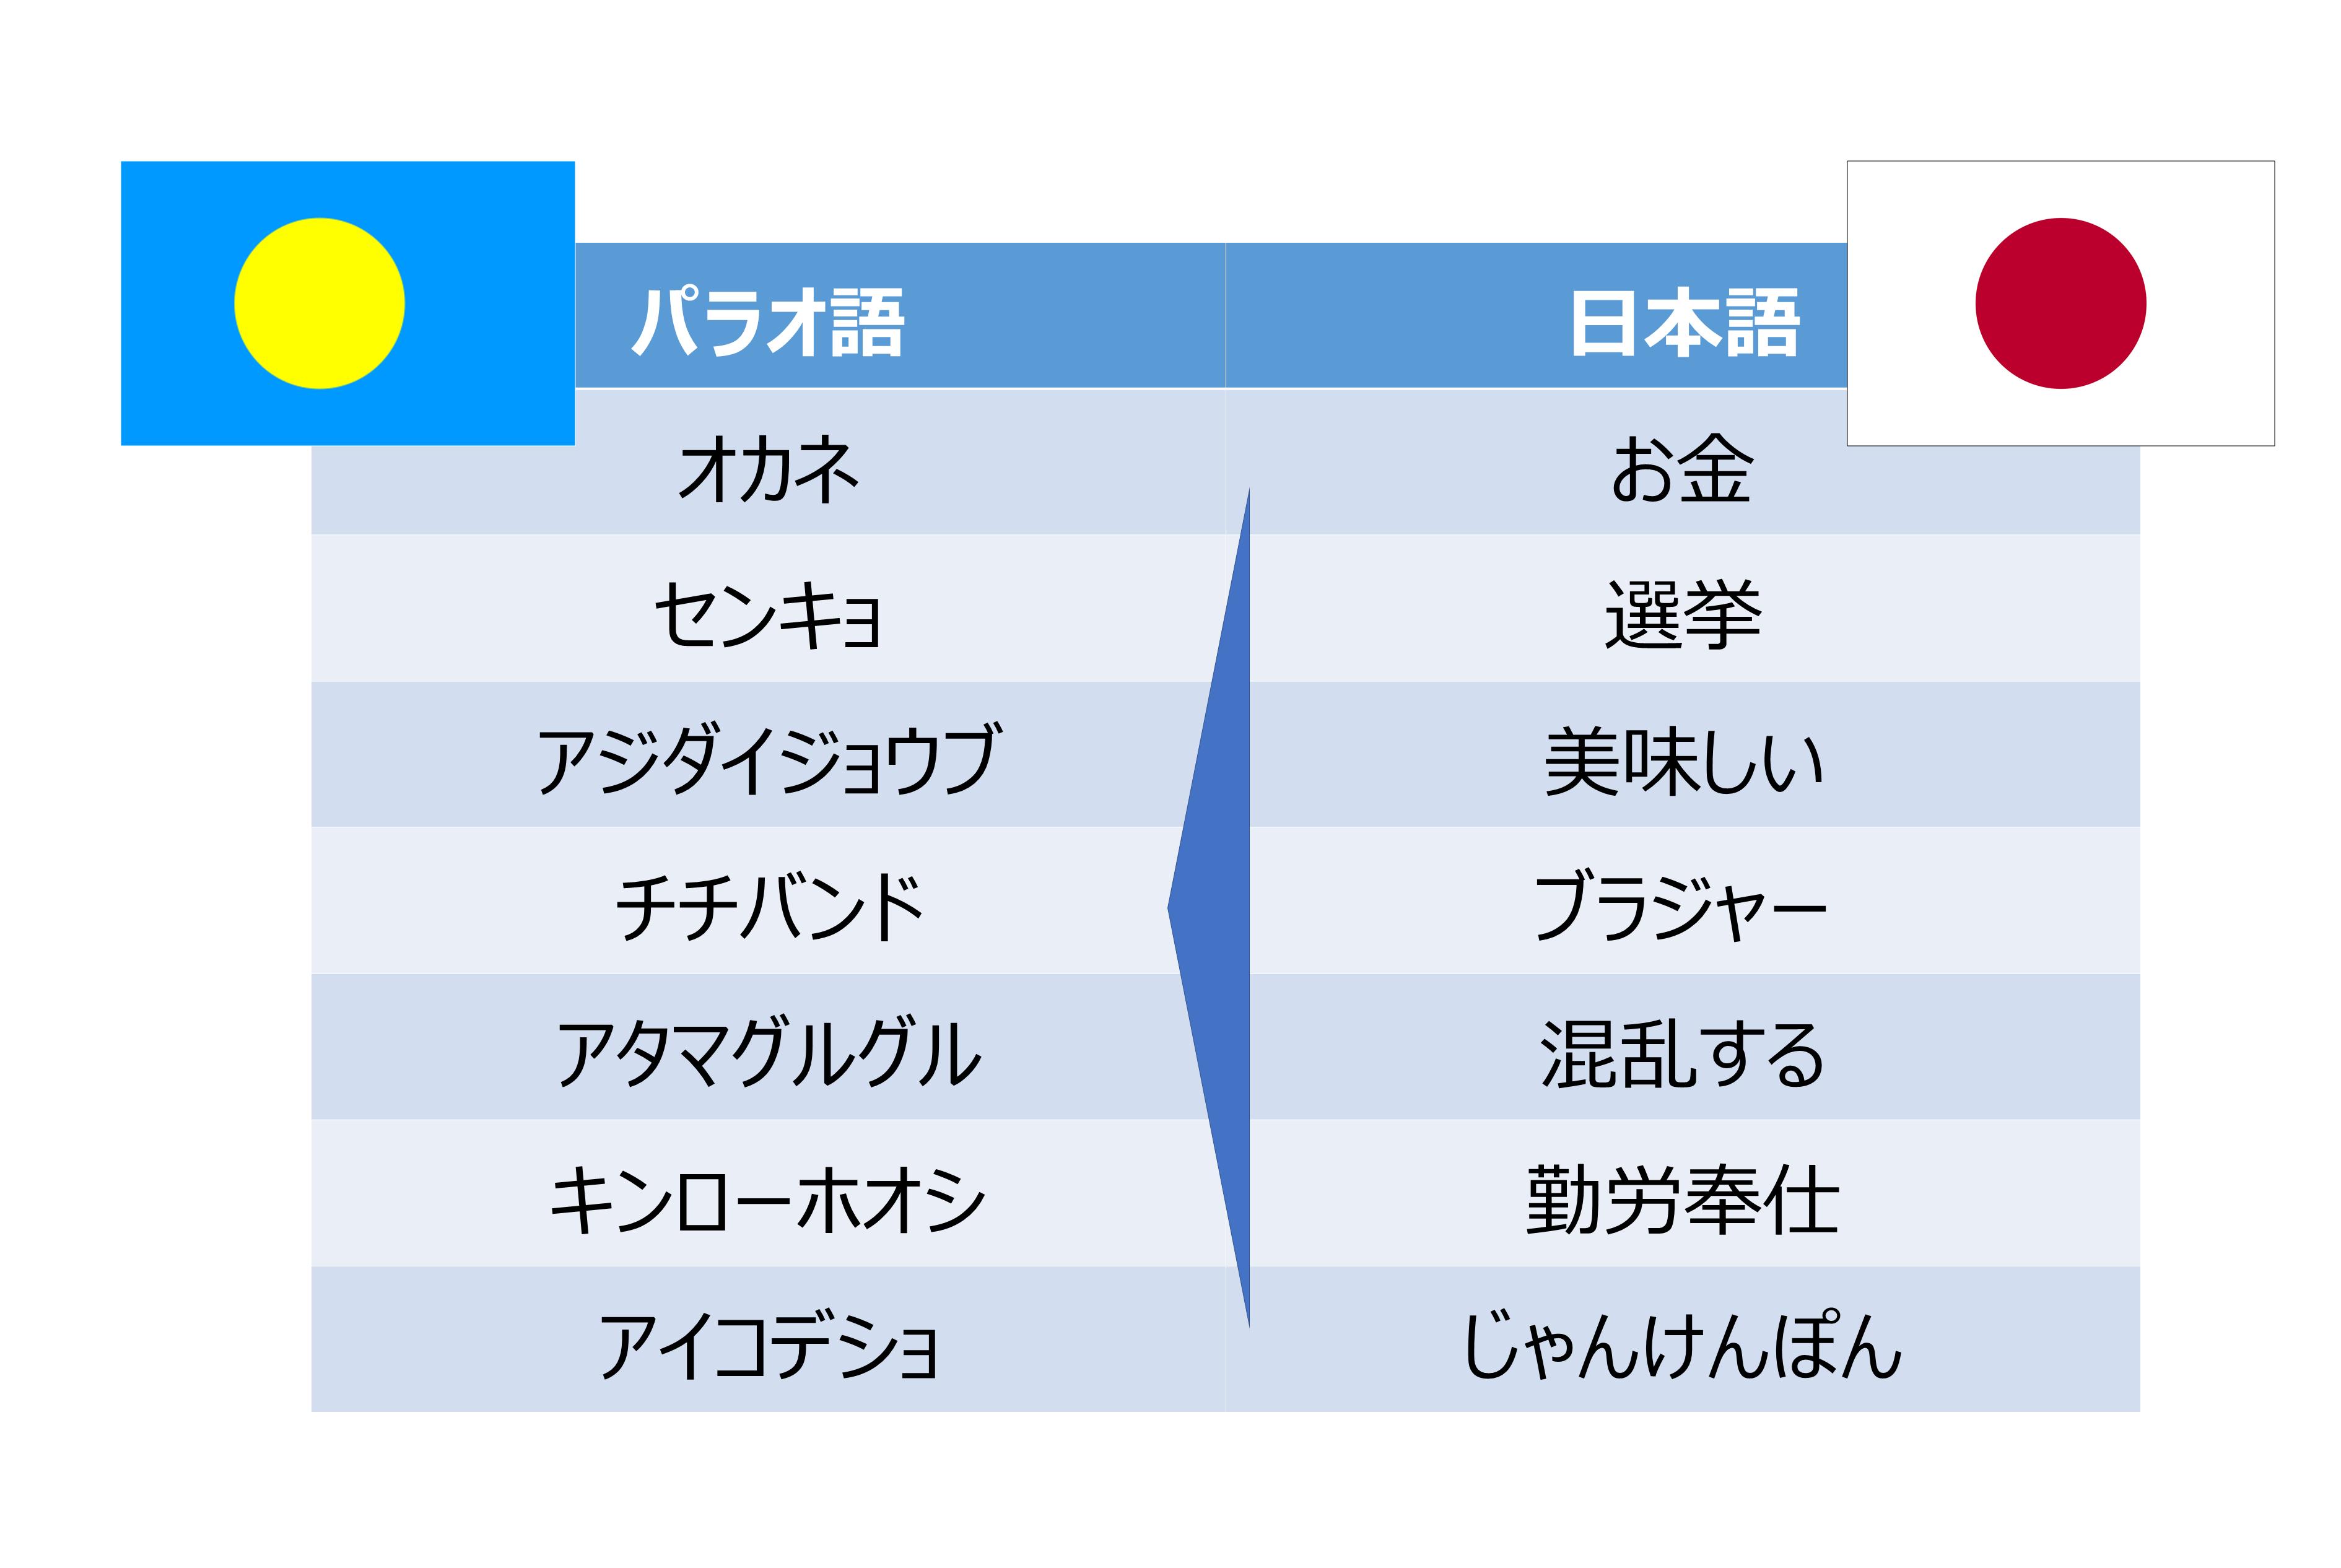 """国 一覧 親日 日本人の""""嫌いな国ランキング""""が意外? それでも韓国では「周辺国はみんな日本が嫌いだ」と反応(S"""